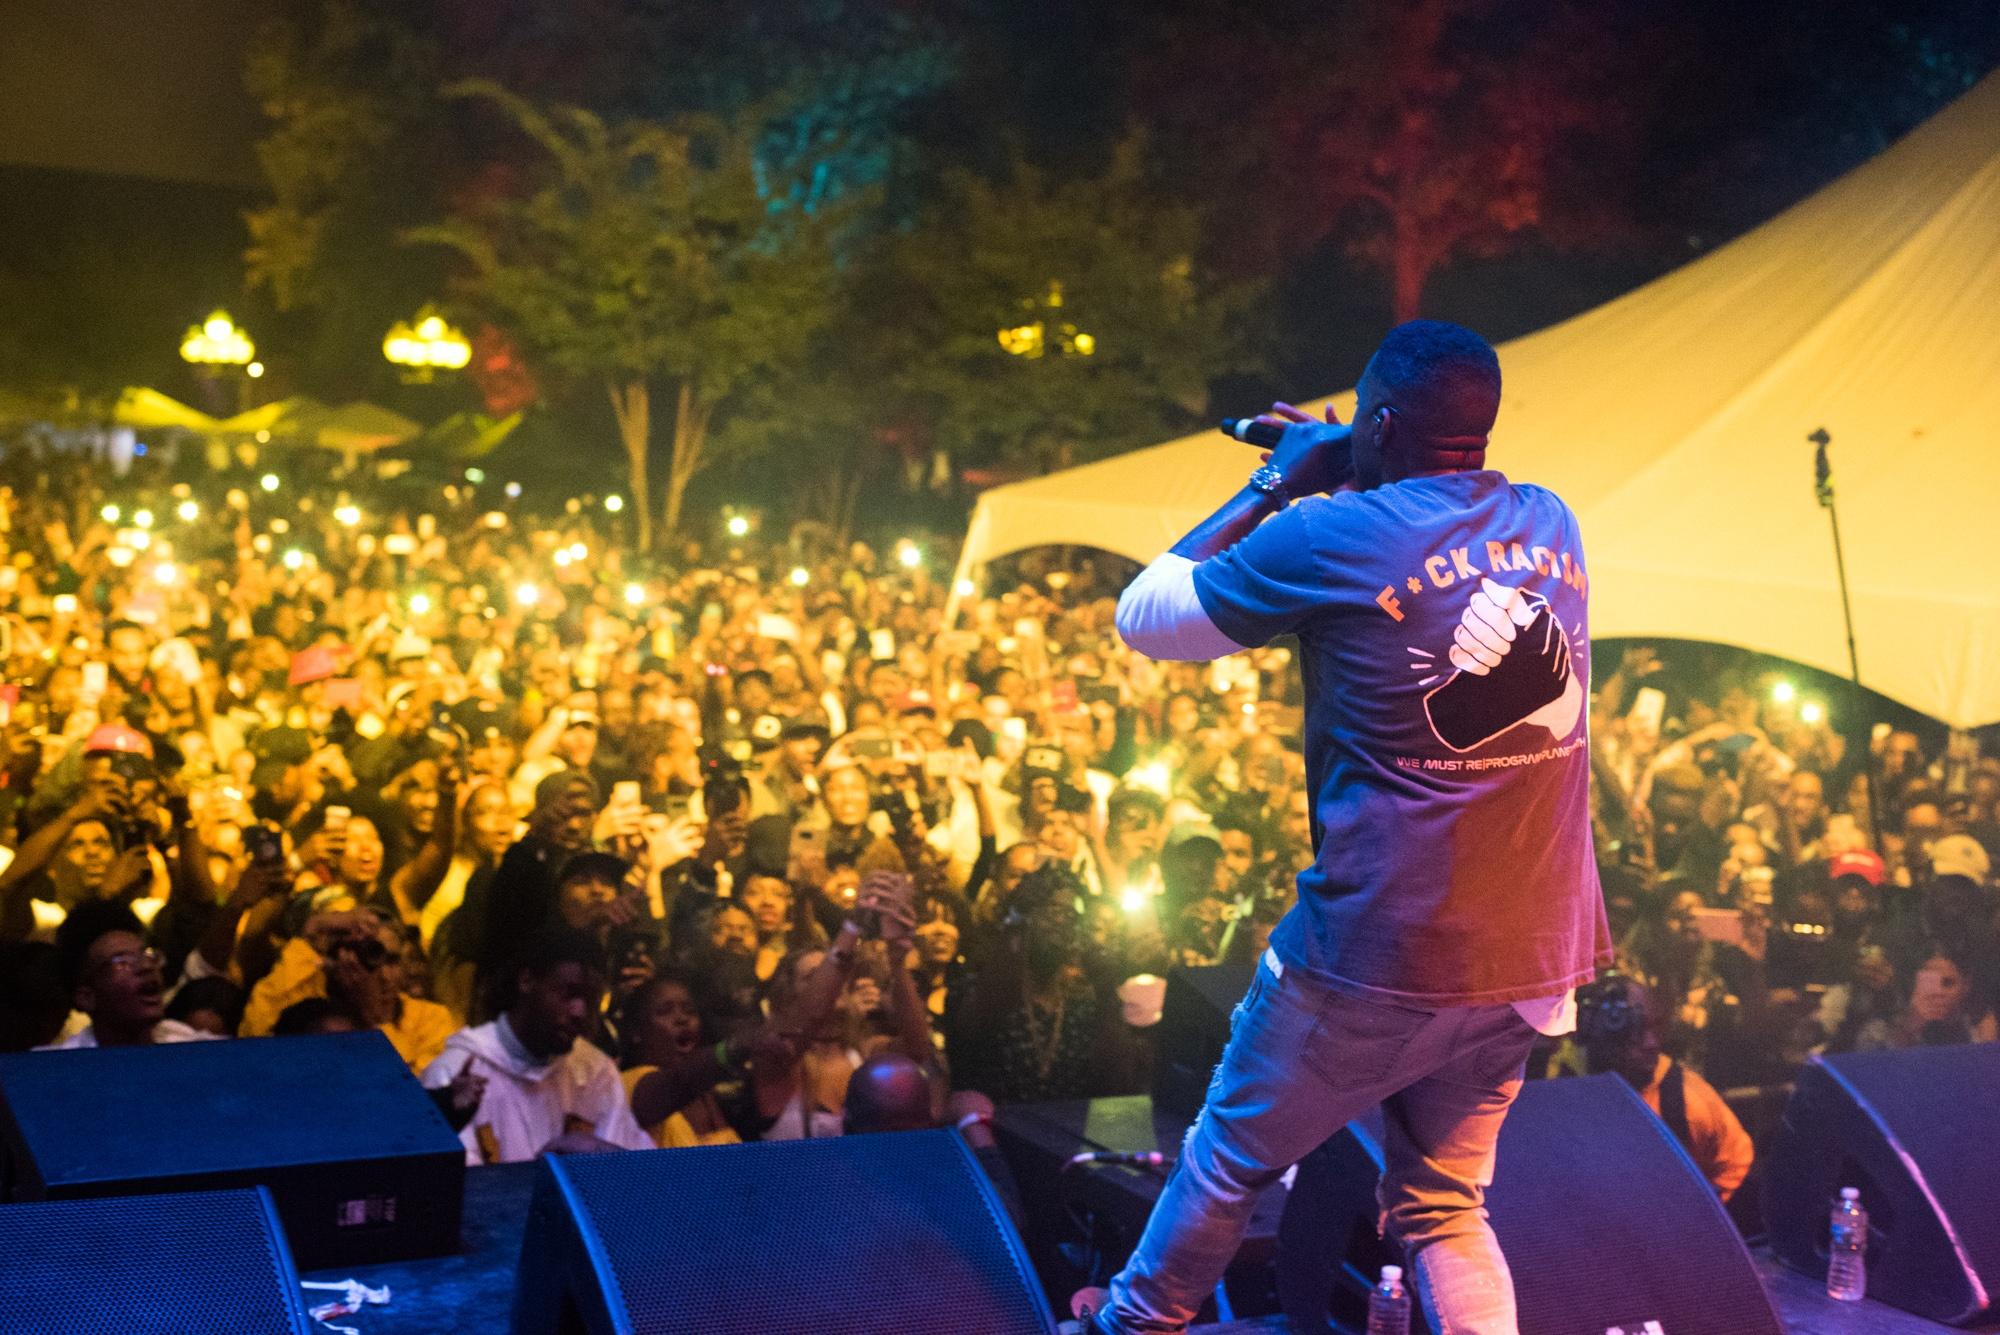 Nas_Festival_Grounds_Day2-9504.jpg